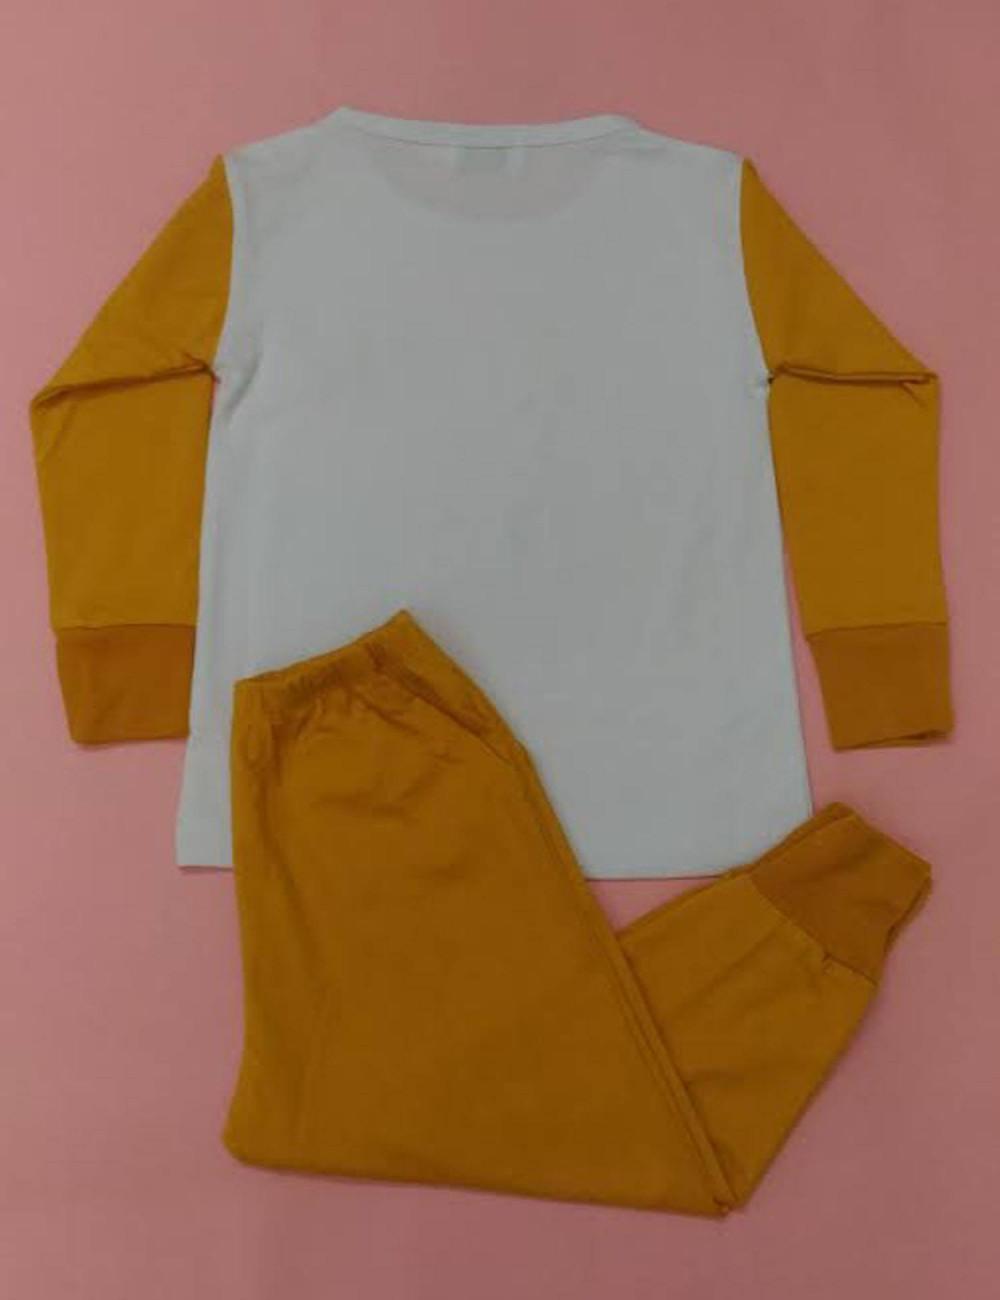 Sử dụng chất vải thun mềm mại, co dãn tốt, độ dày phù hợp - giúp bé luôn thoải mái khi vận động